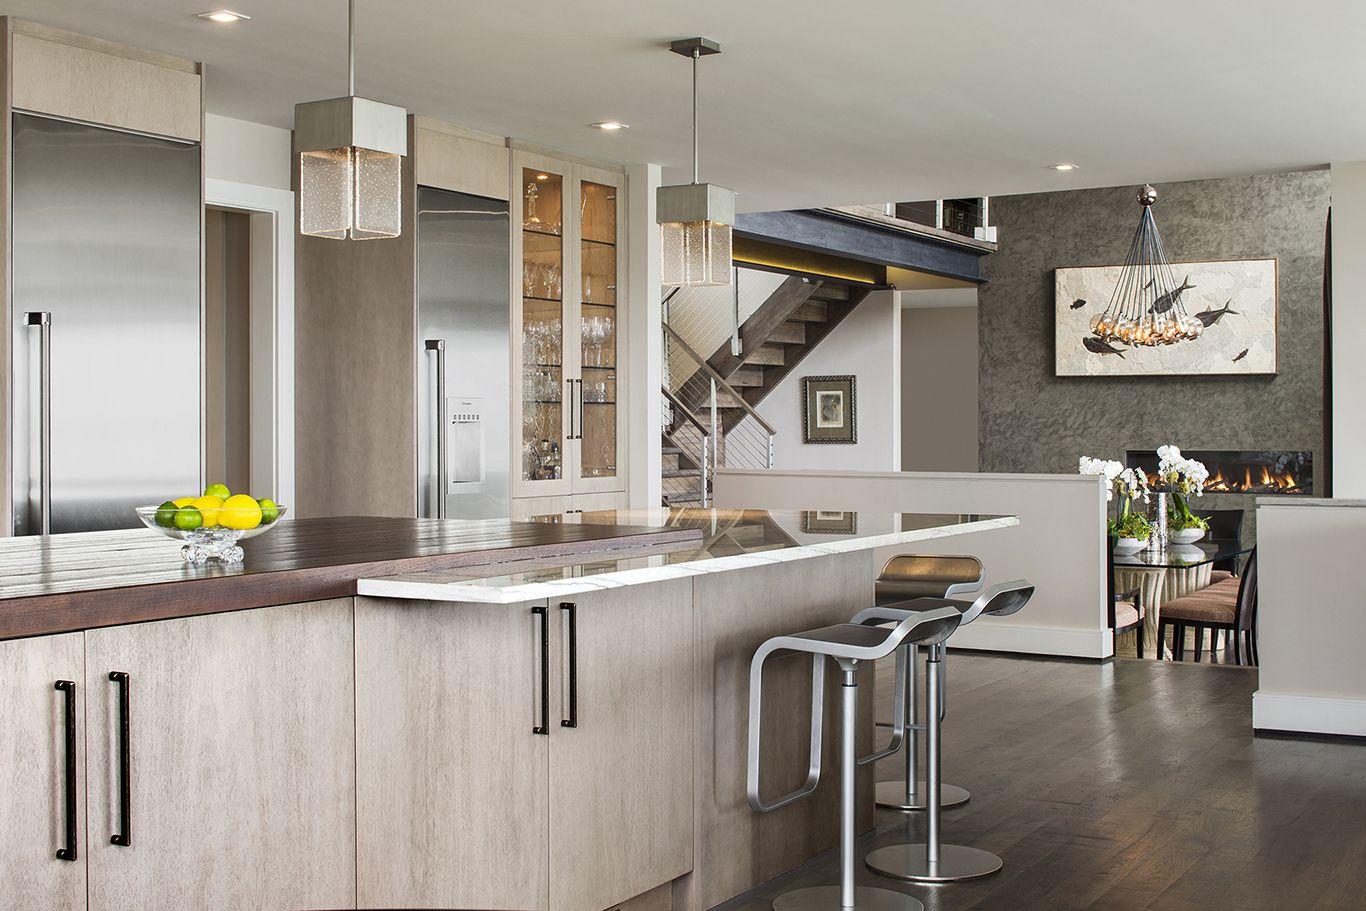 Stamford Ct Transitional Kitchen Design Kitchen Design Transitional Kitchen